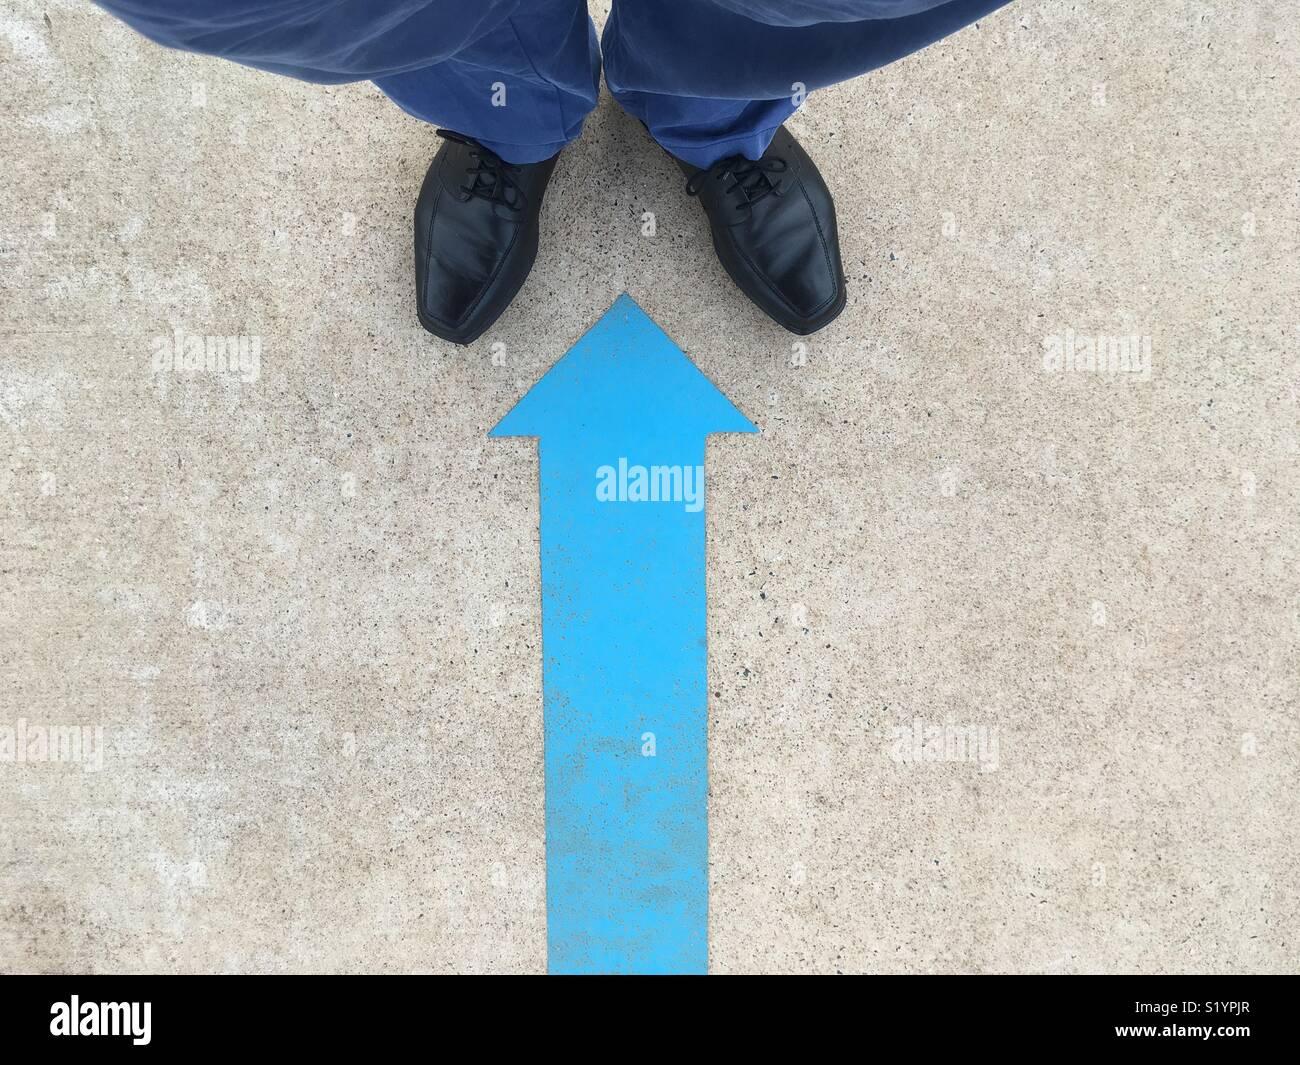 Una flecha azul pintada pintada en el suelo apuntando a un hombre negro zapatos y pantalones azules. Imagen De Stock